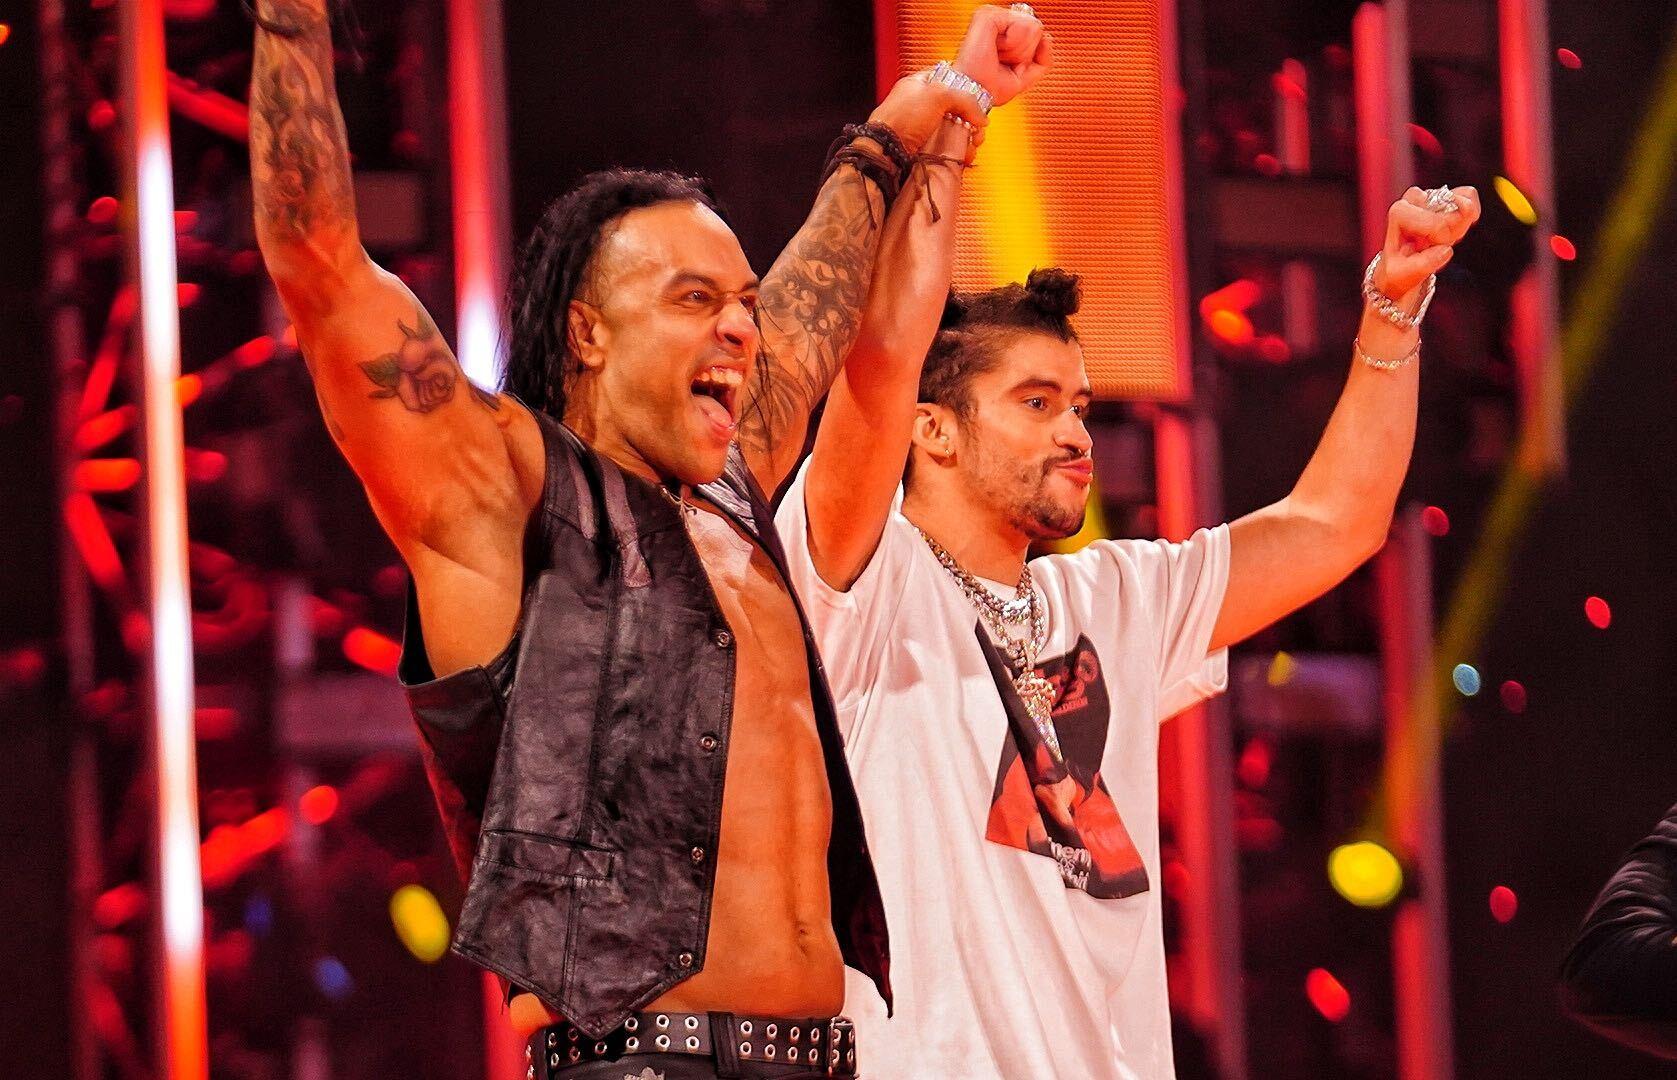 Damian Priest estreia no WWE RAW com grande vitória